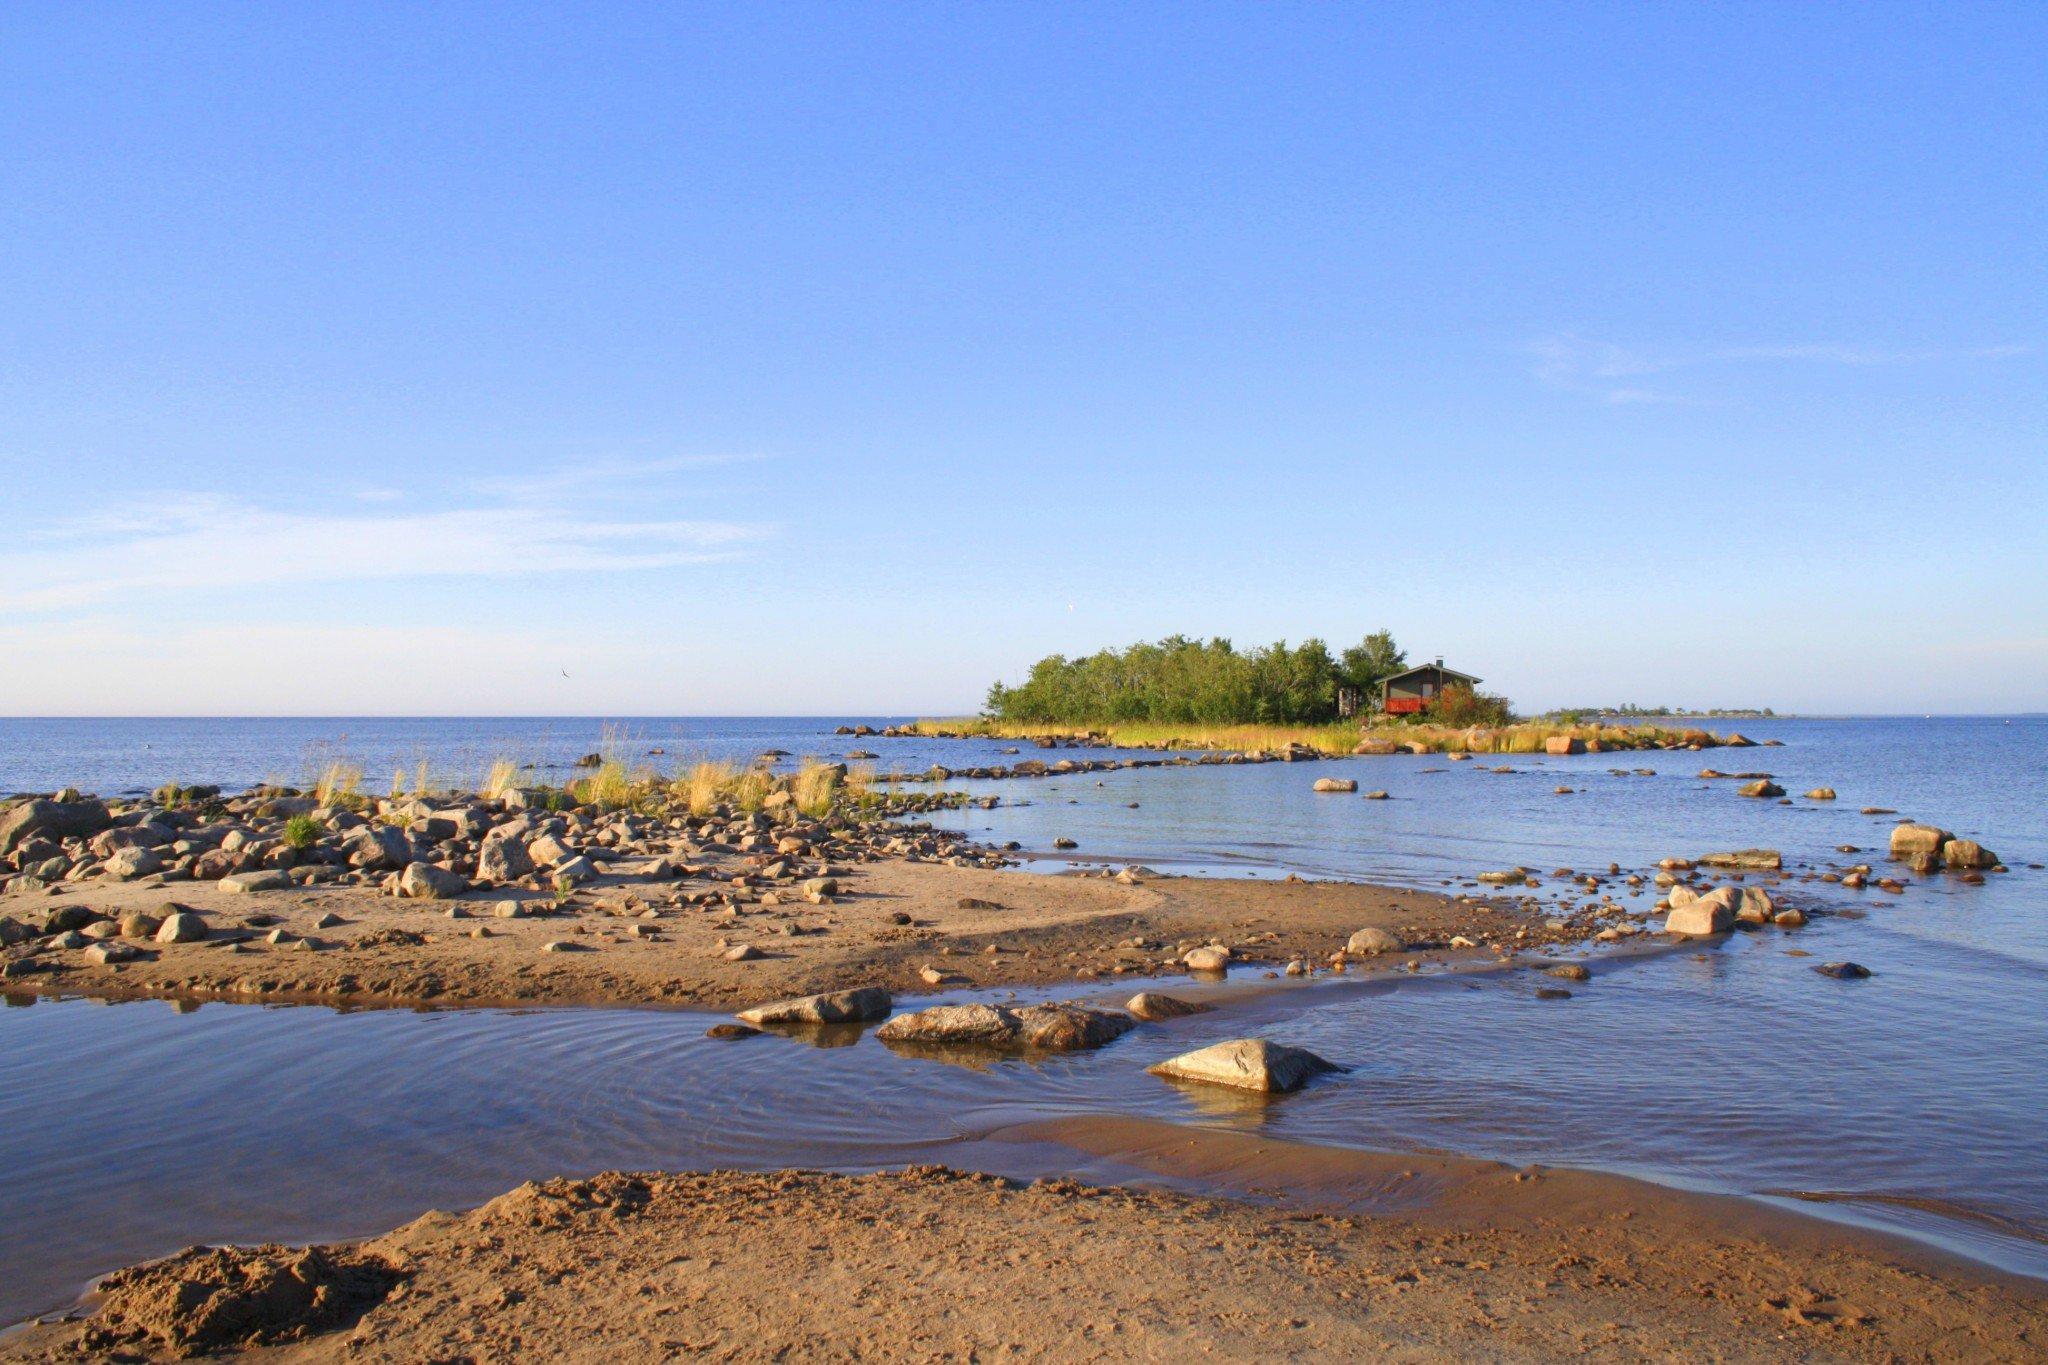 Vattaja uimaranta hiekkaranta dyynit